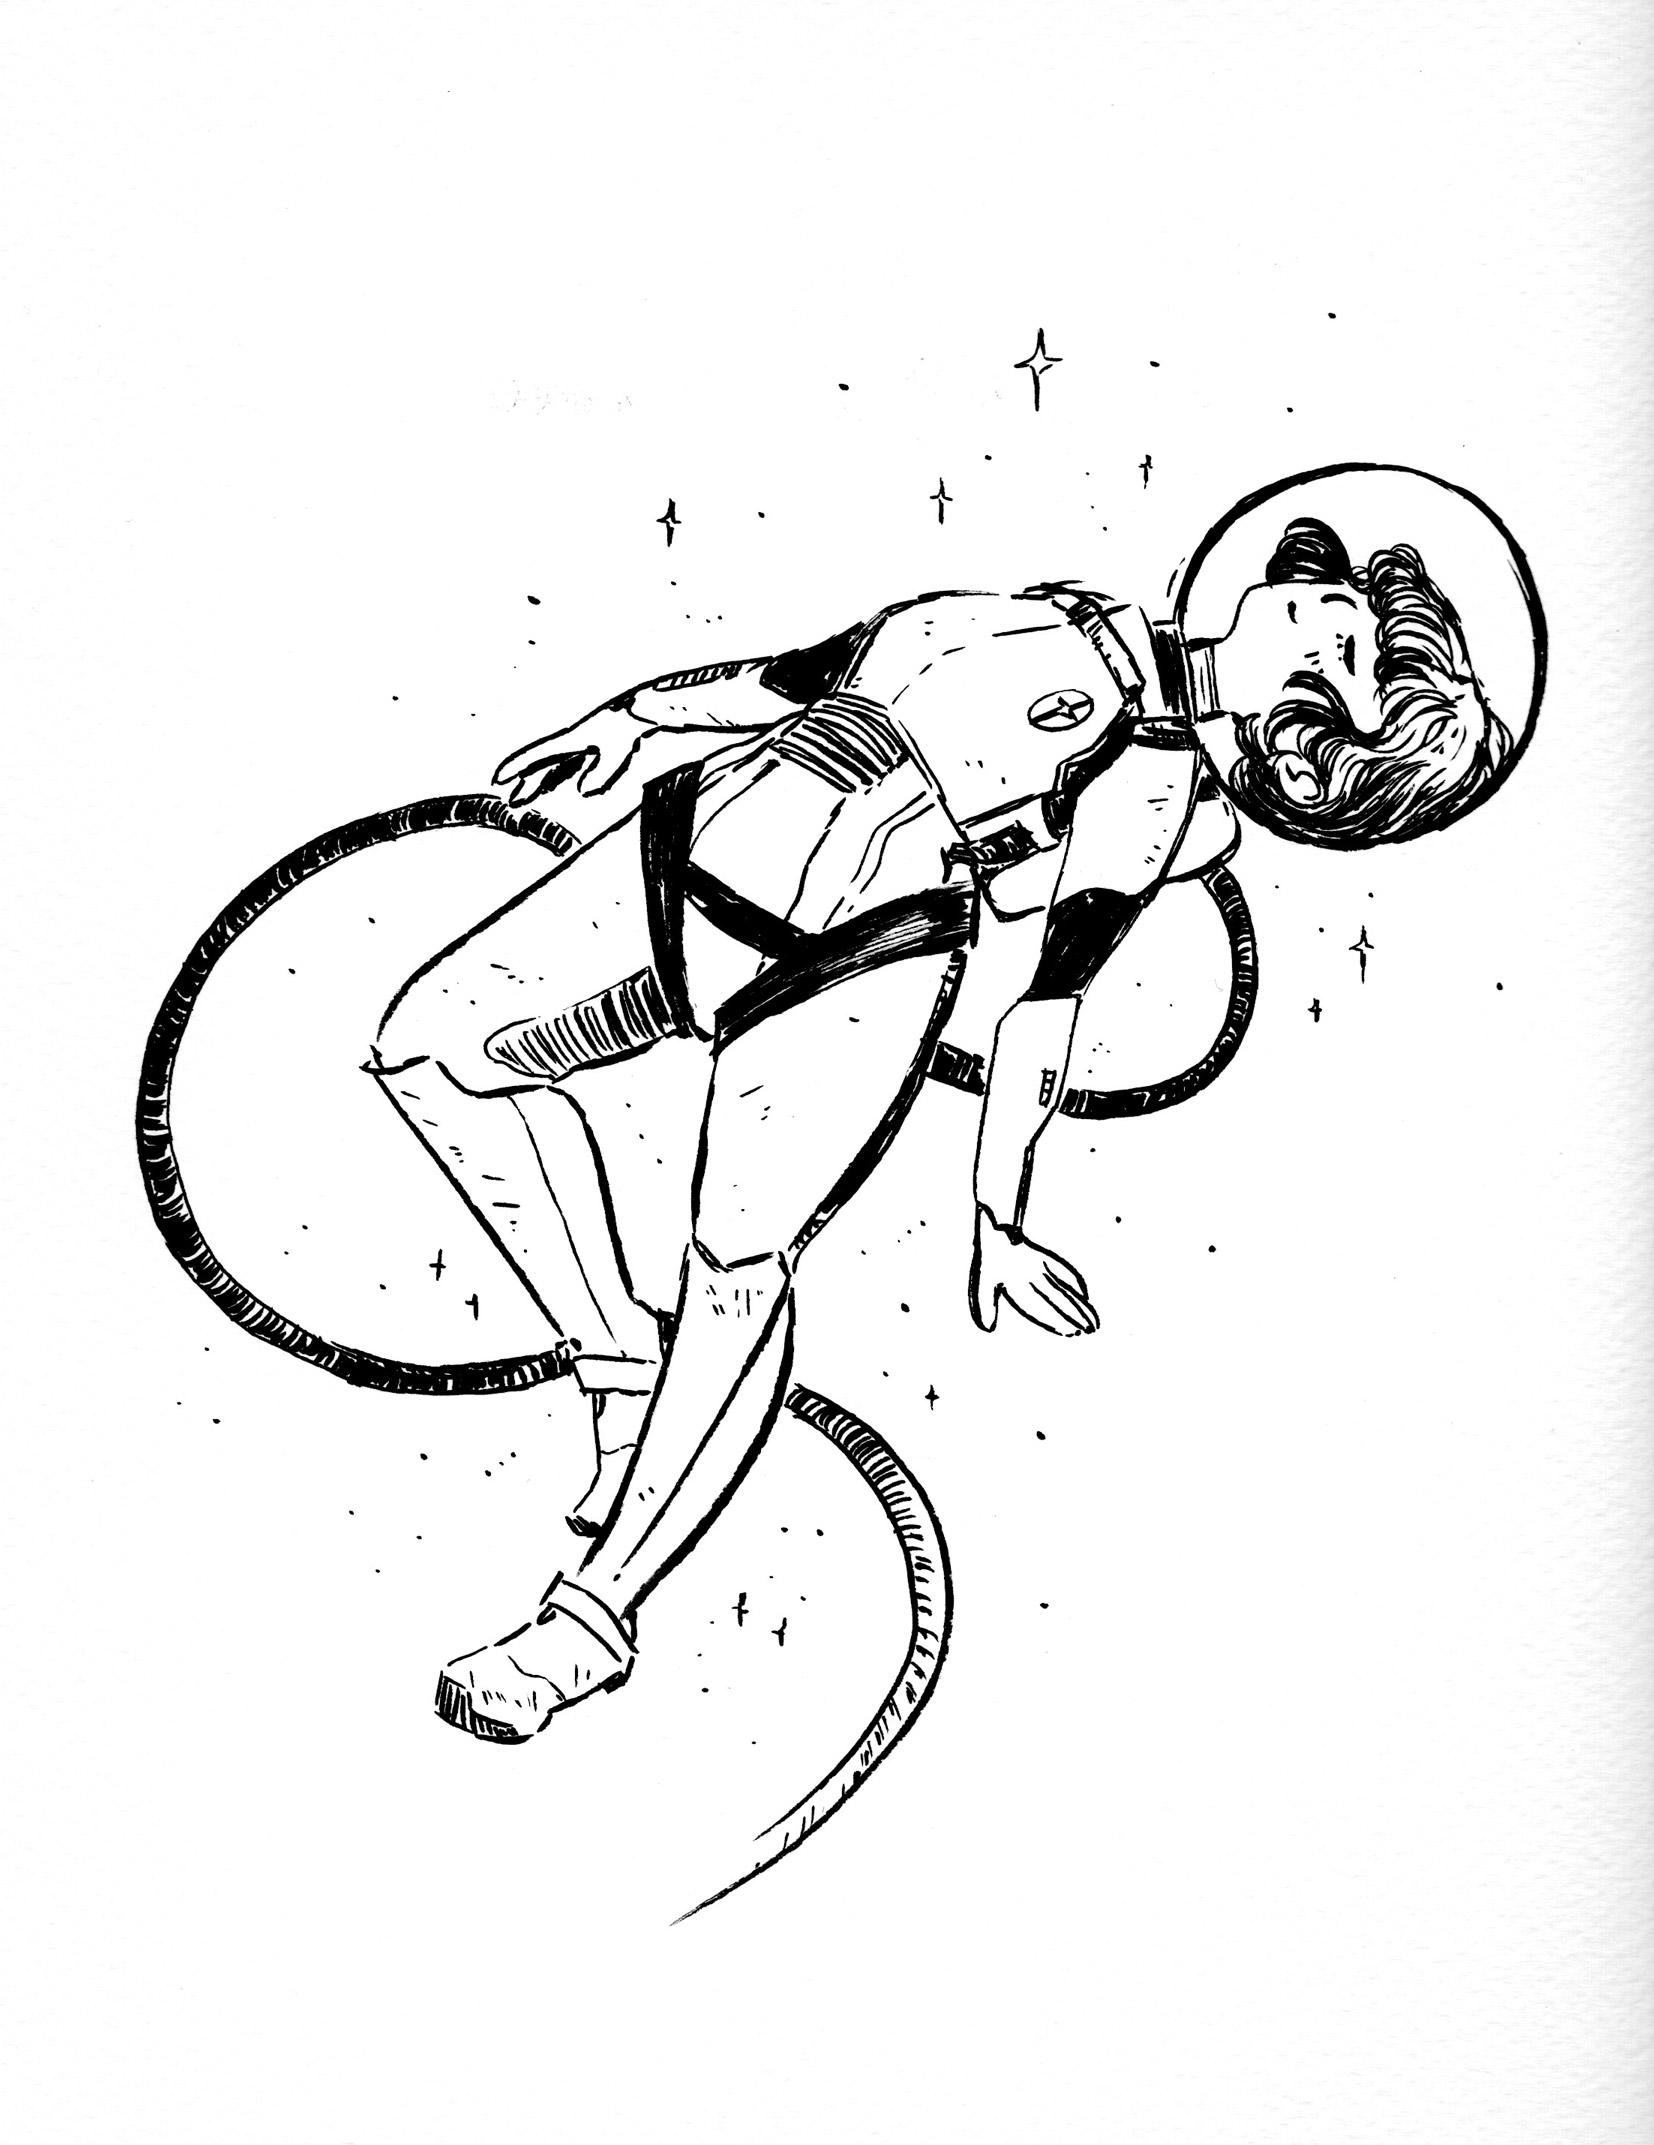 Astronautin 2